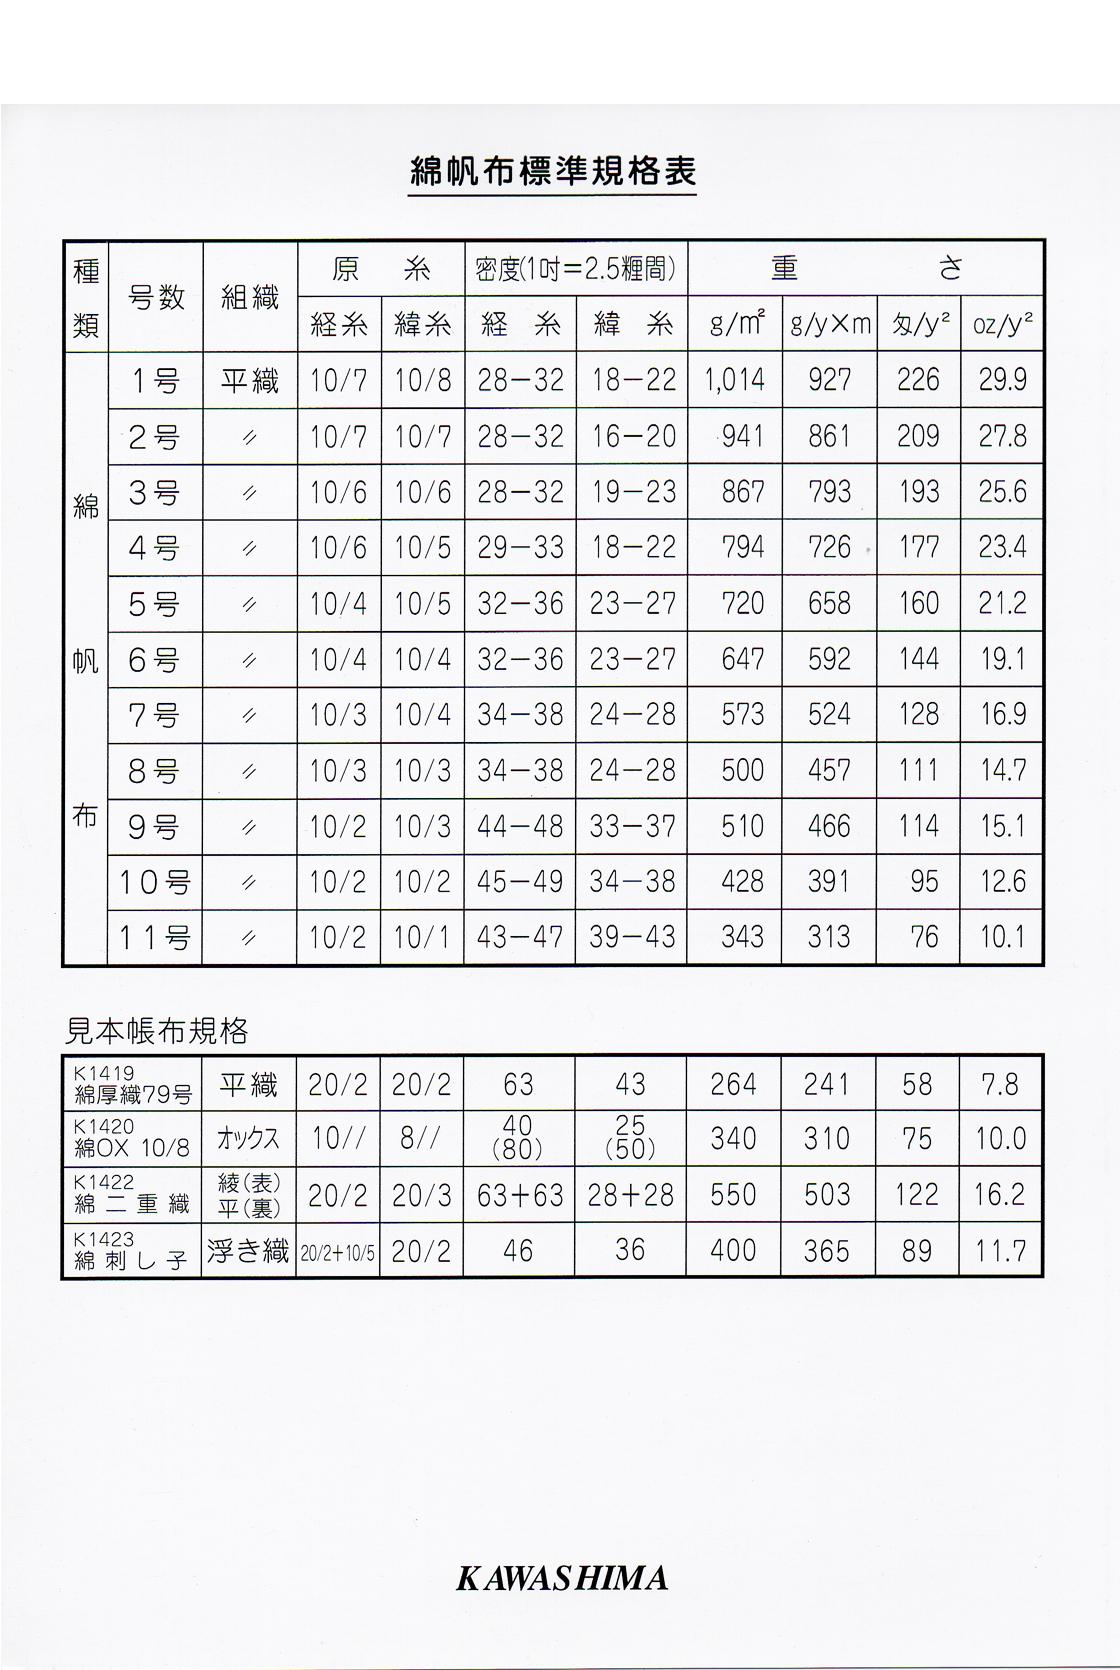 キバタ素材【綿帆布・厚地系】